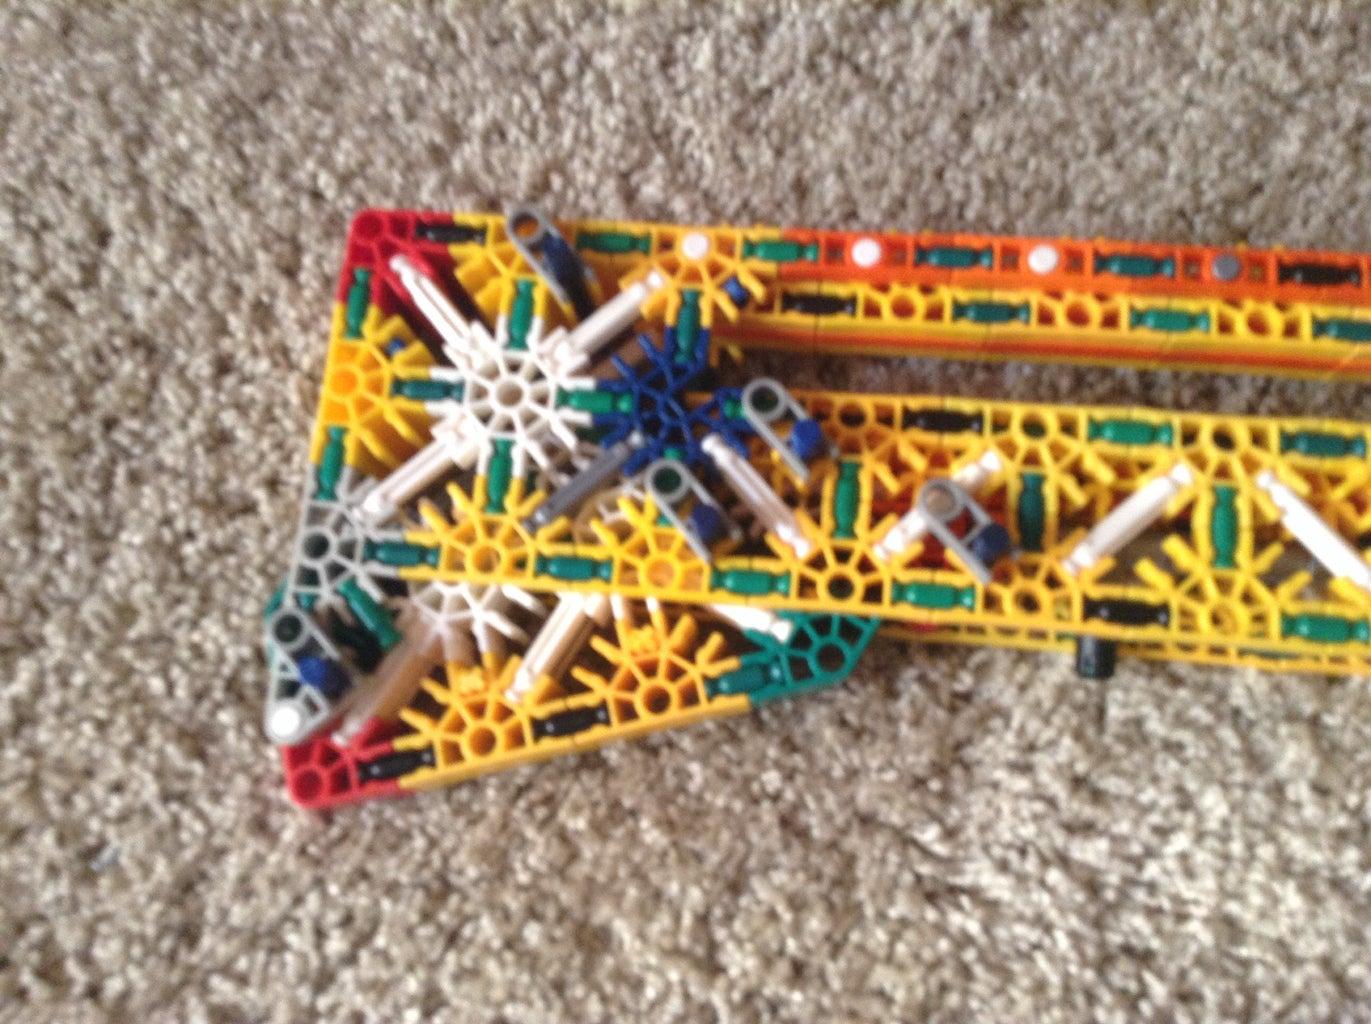 The Razor a Knex Rail Gun